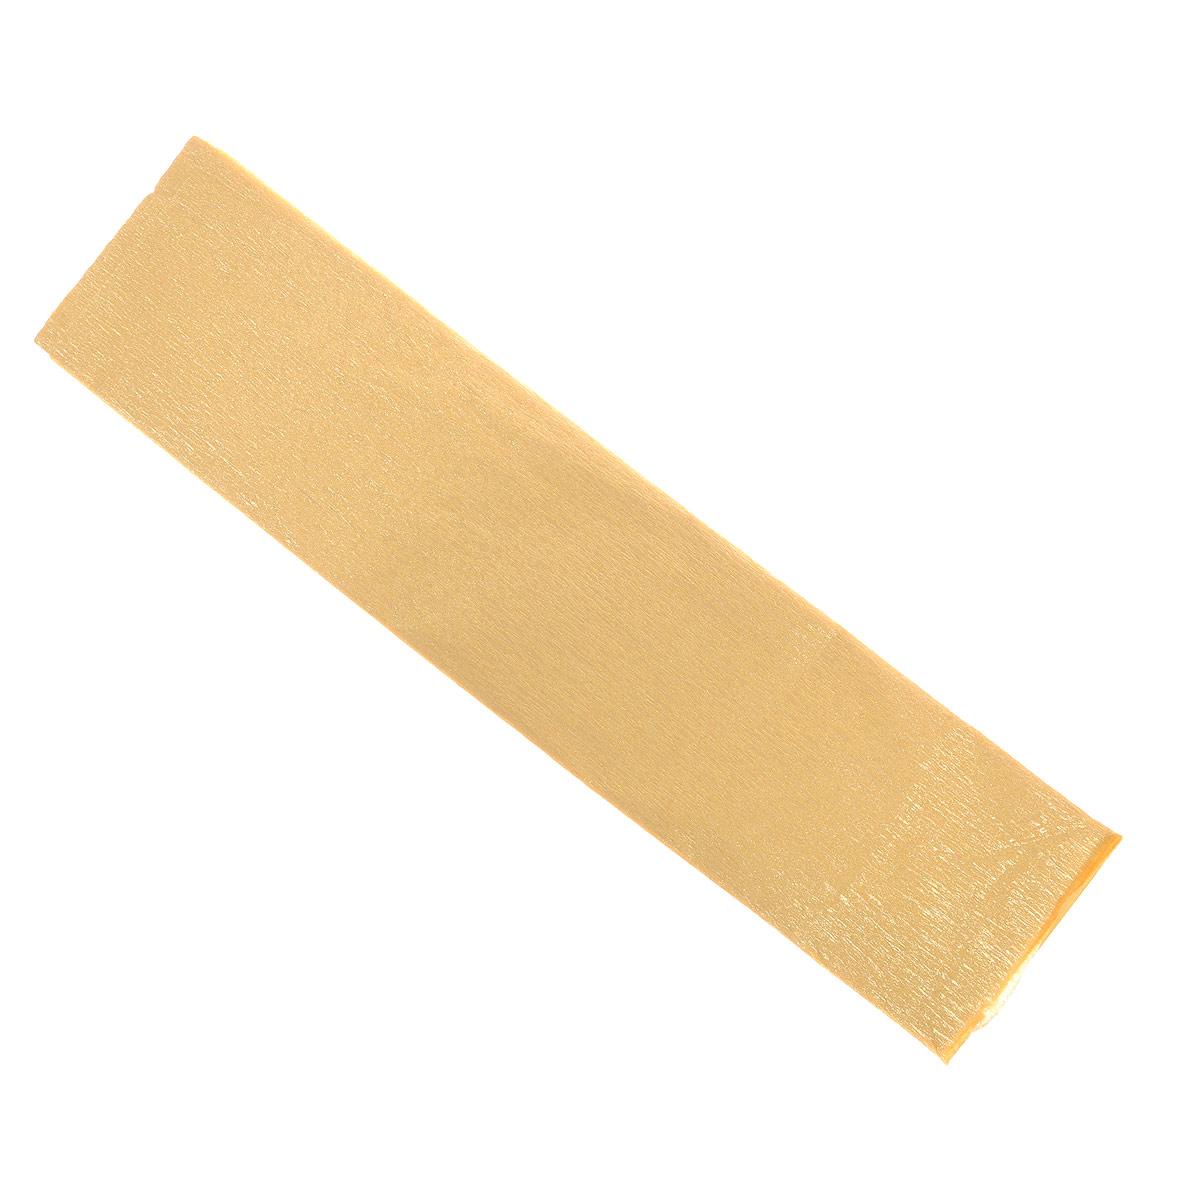 Крепированная бумага Hatber, перламутровая, цвет: желтый, 5 см х 25 см72523WDЦветная крепированная бумага Hatber - отличный вариант для развития творчества вашего ребенка. Бумага с фактурным покрытием очень гибкая и мягкая, из нее можно создавать чудесные аппликации, игрушки, подарки и объемные поделки. Цветная крепированная бумага Hatber способствует развитию фантазии, цветовосприятия и мелкой моторики рук. Размер бумаги - 5 см х 25 см.